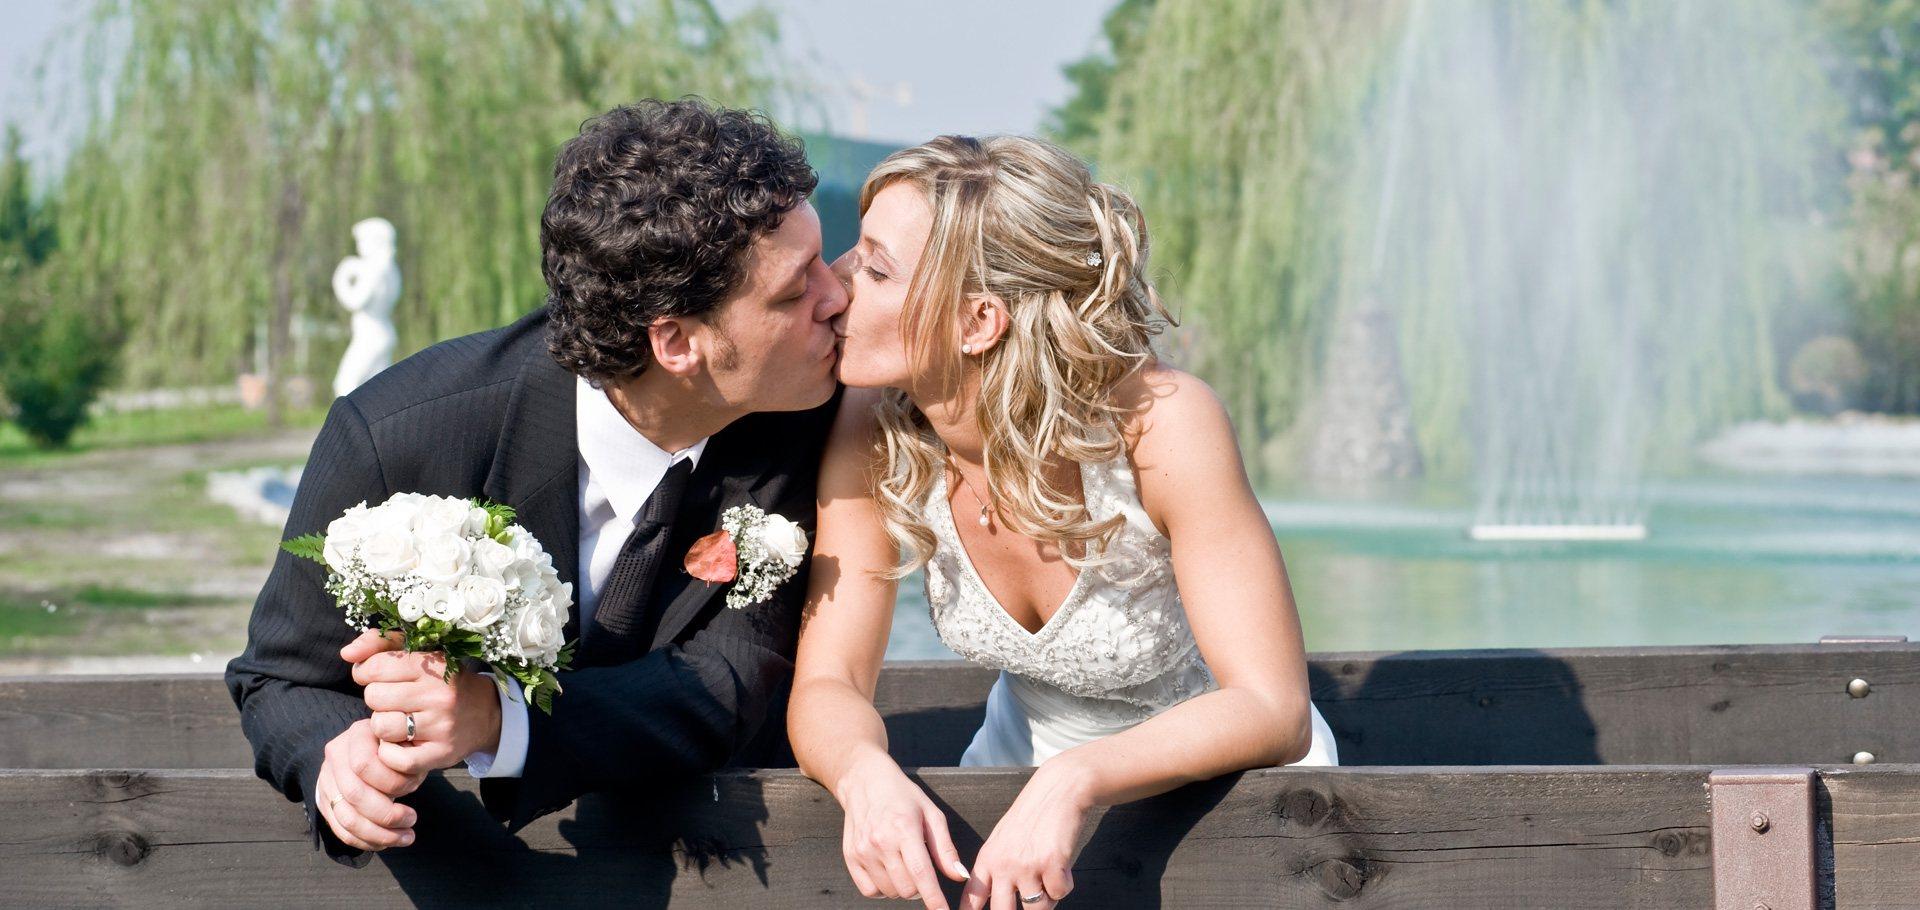 Matrimonio In Agriturismo : Matrimonio in agriturismo la camilla